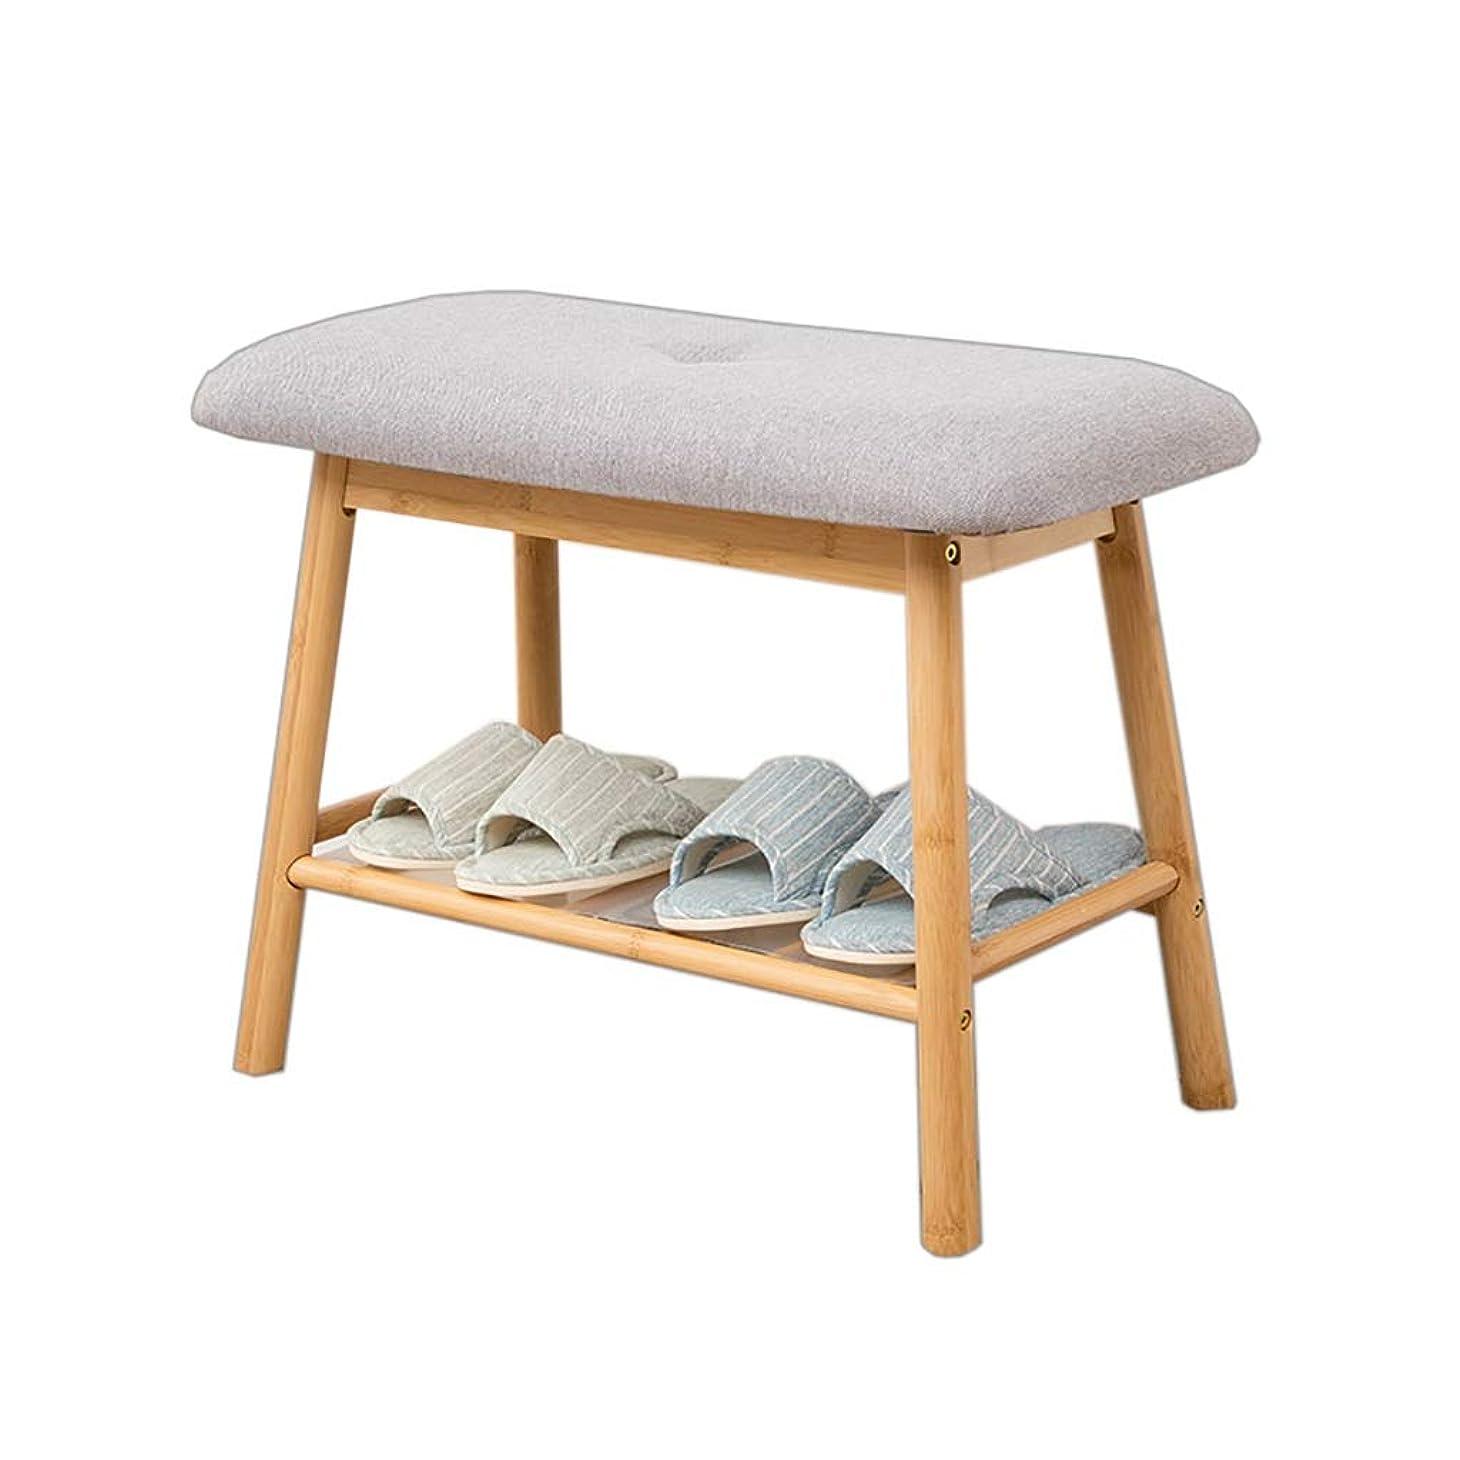 複製パワーどきどき靴のベンチを変更 - 木製の靴の綿パッド収納ラック - 入り口の廊下の靴ラック (Color : A, Size : 61*30*45cm)